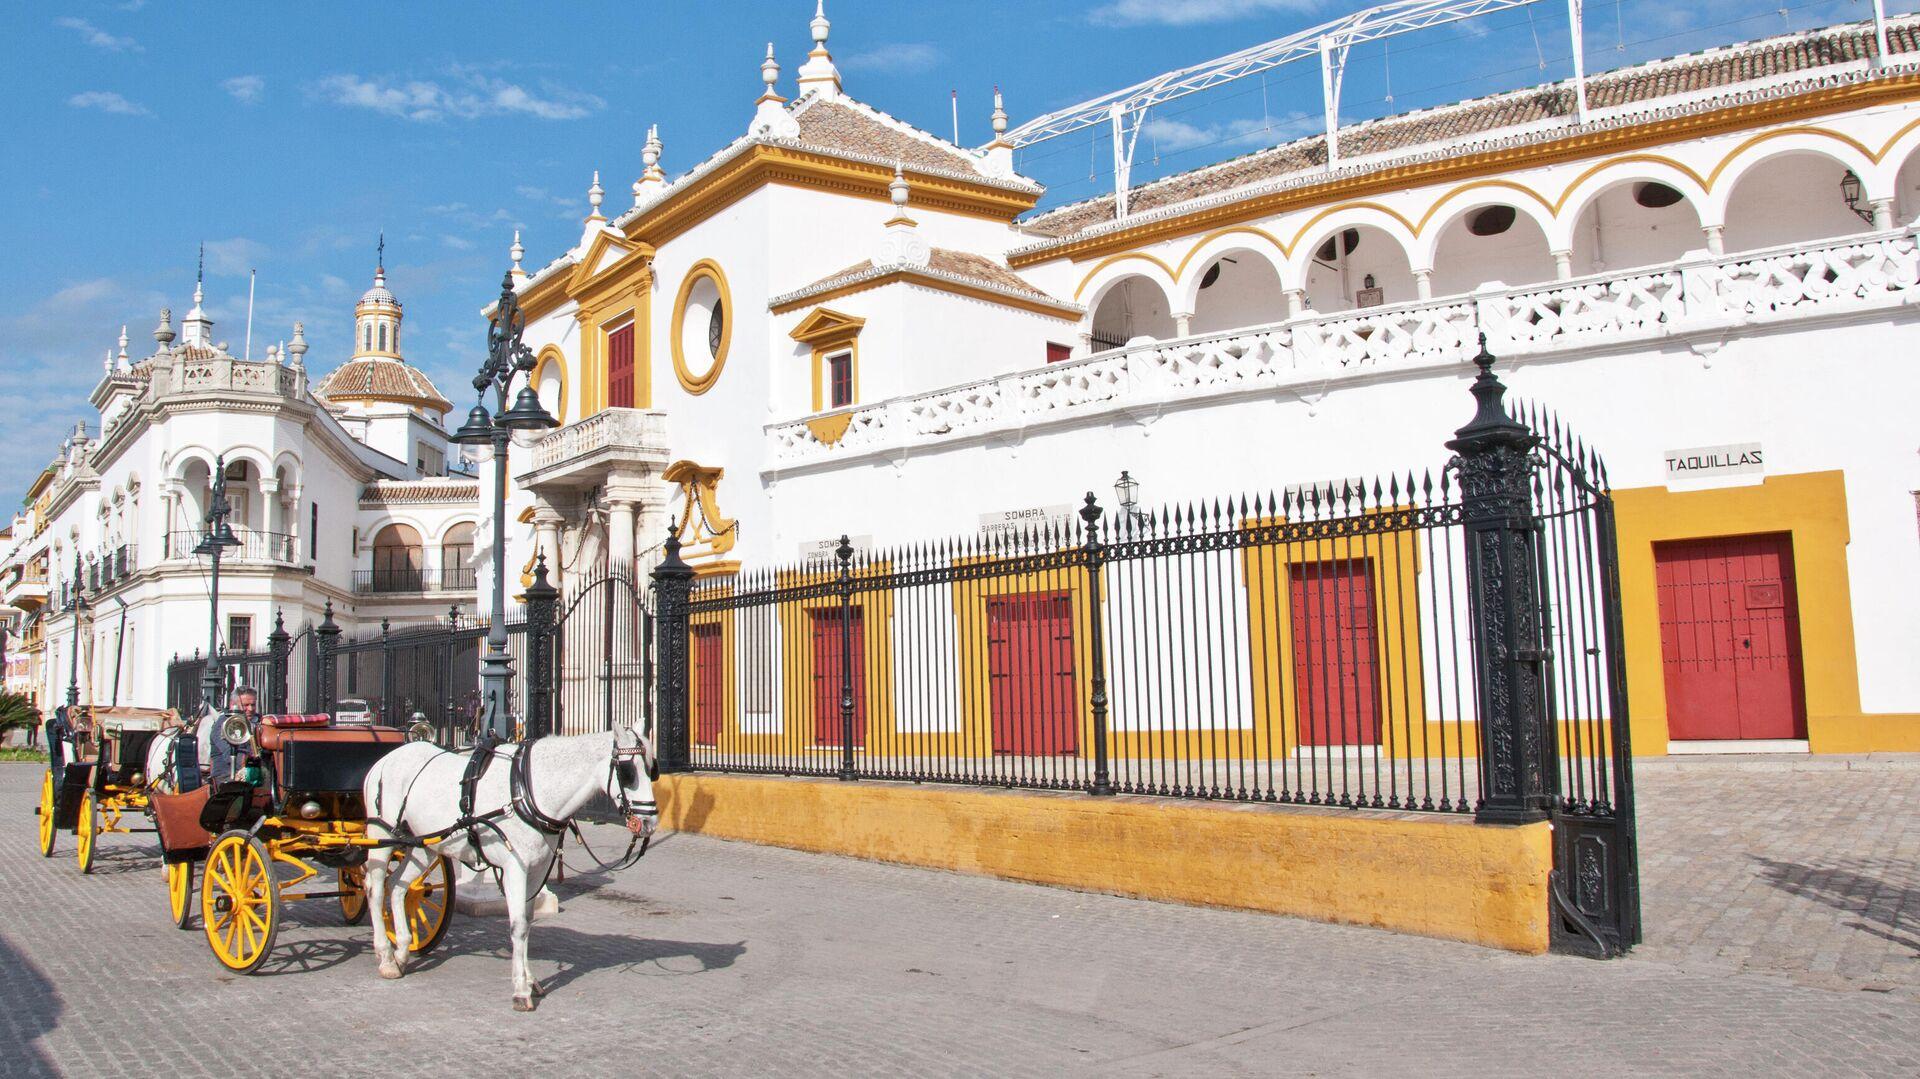 Coches de caballos como reclamos turístico en Sevilla - Sputnik Mundo, 1920, 21.09.2021